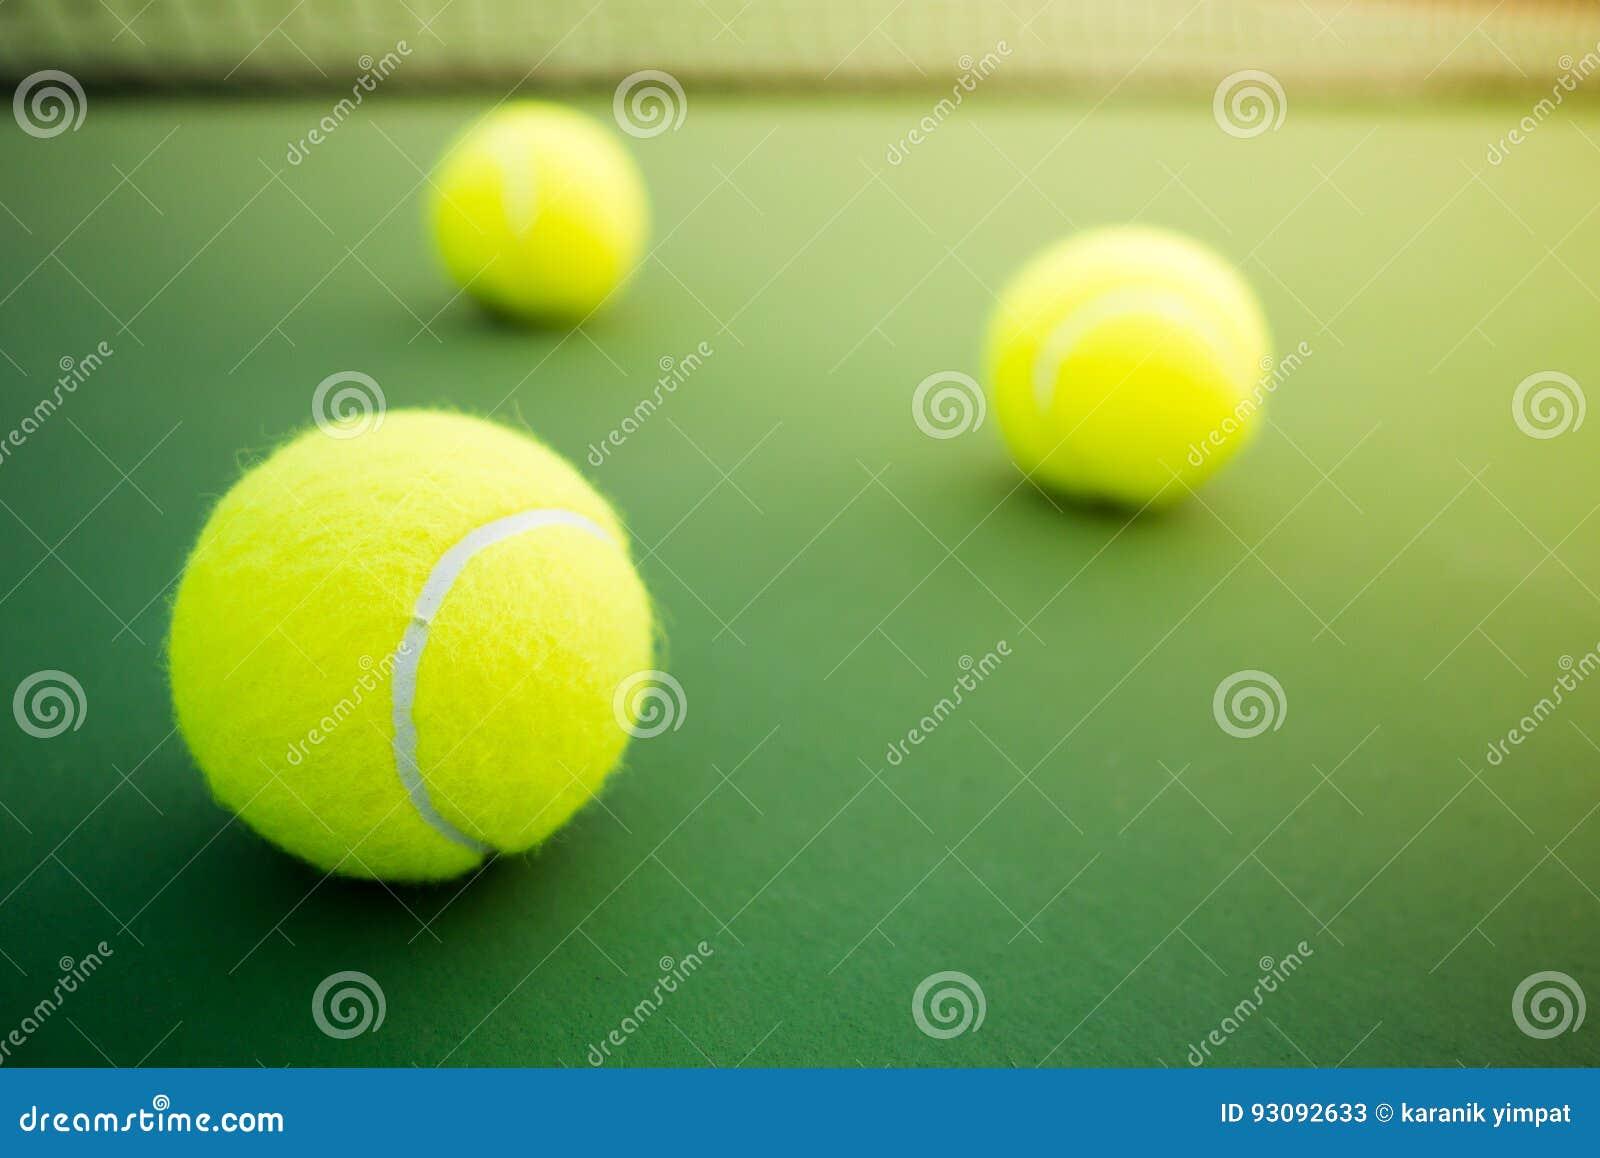 Trois balles de tennis sur la cour dure verte